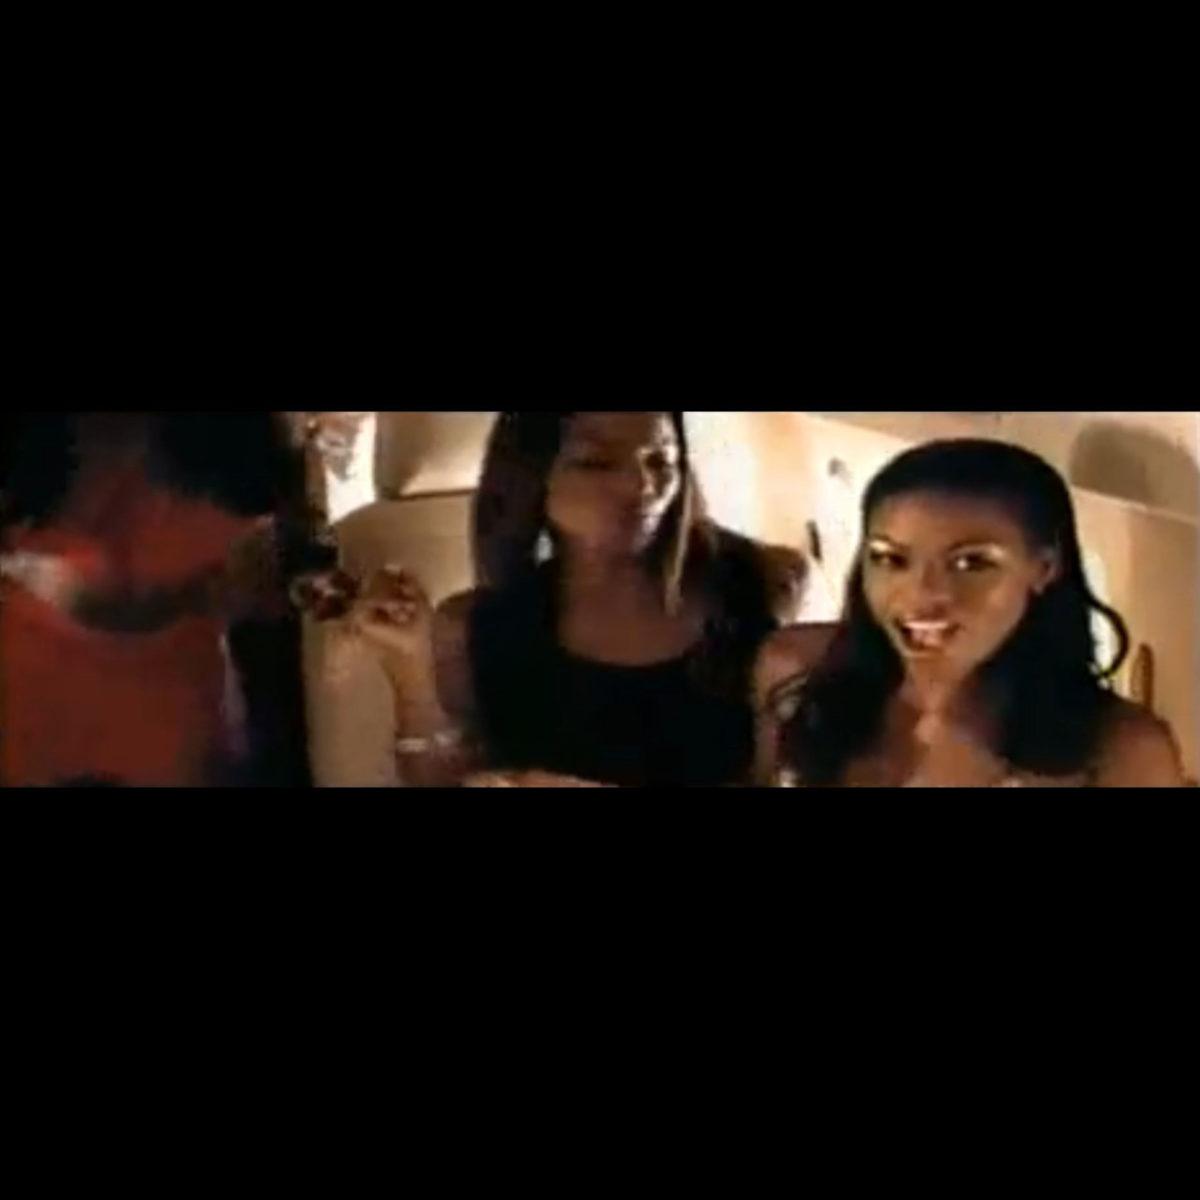 Jay-Z - Hey Papi (ft. Memphis Bleek) (Thumbnail)